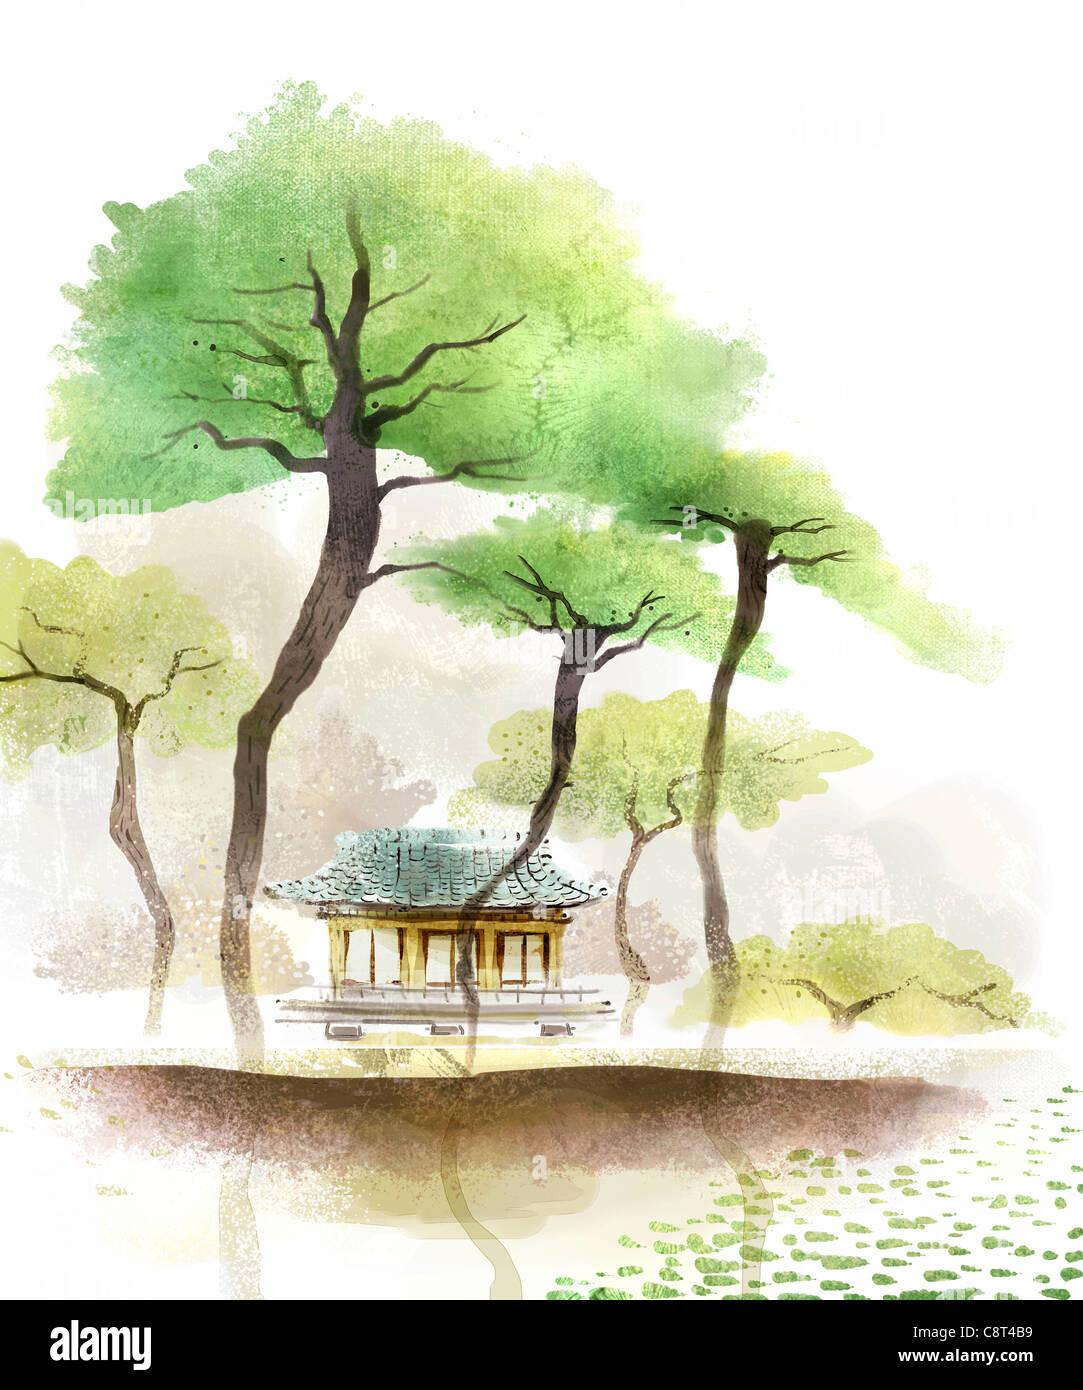 Árbol y casa tradicional de China Imagen De Stock